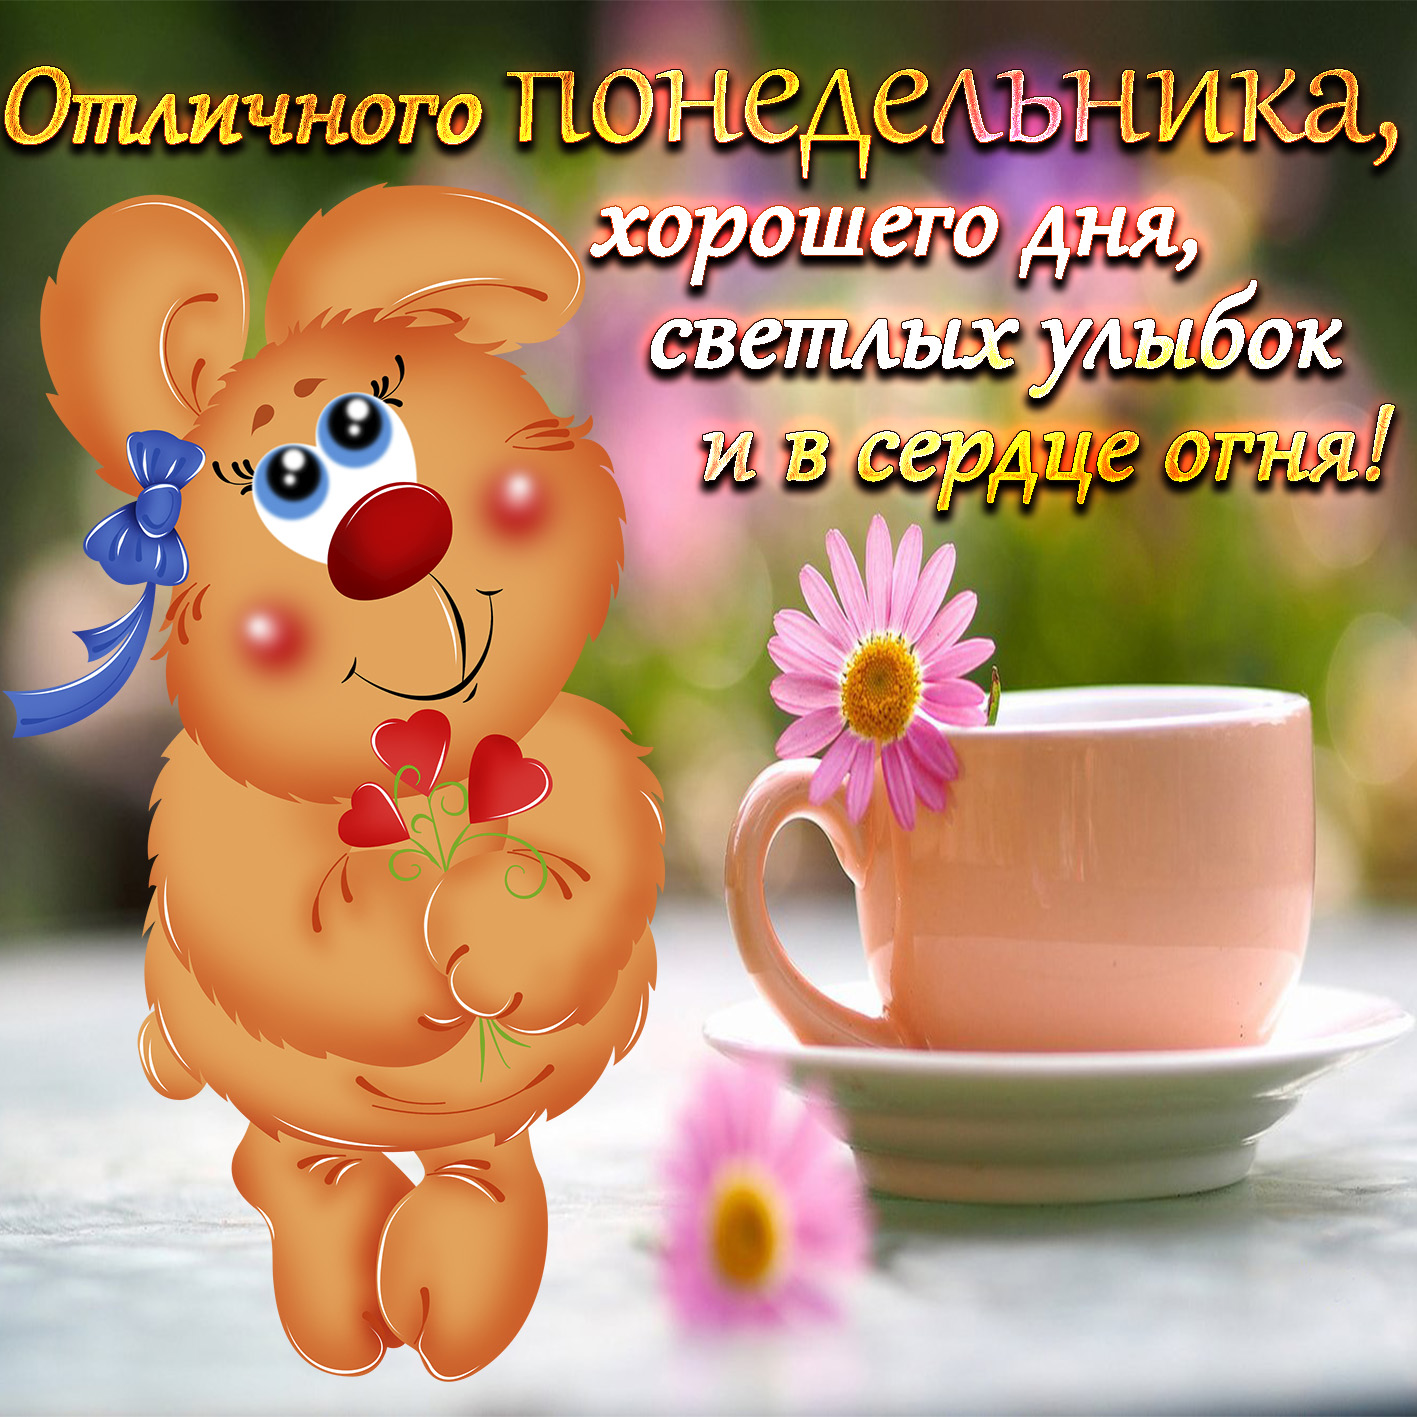 Всем доброго утра и удачного дня картинки прикольные, шаблоны для